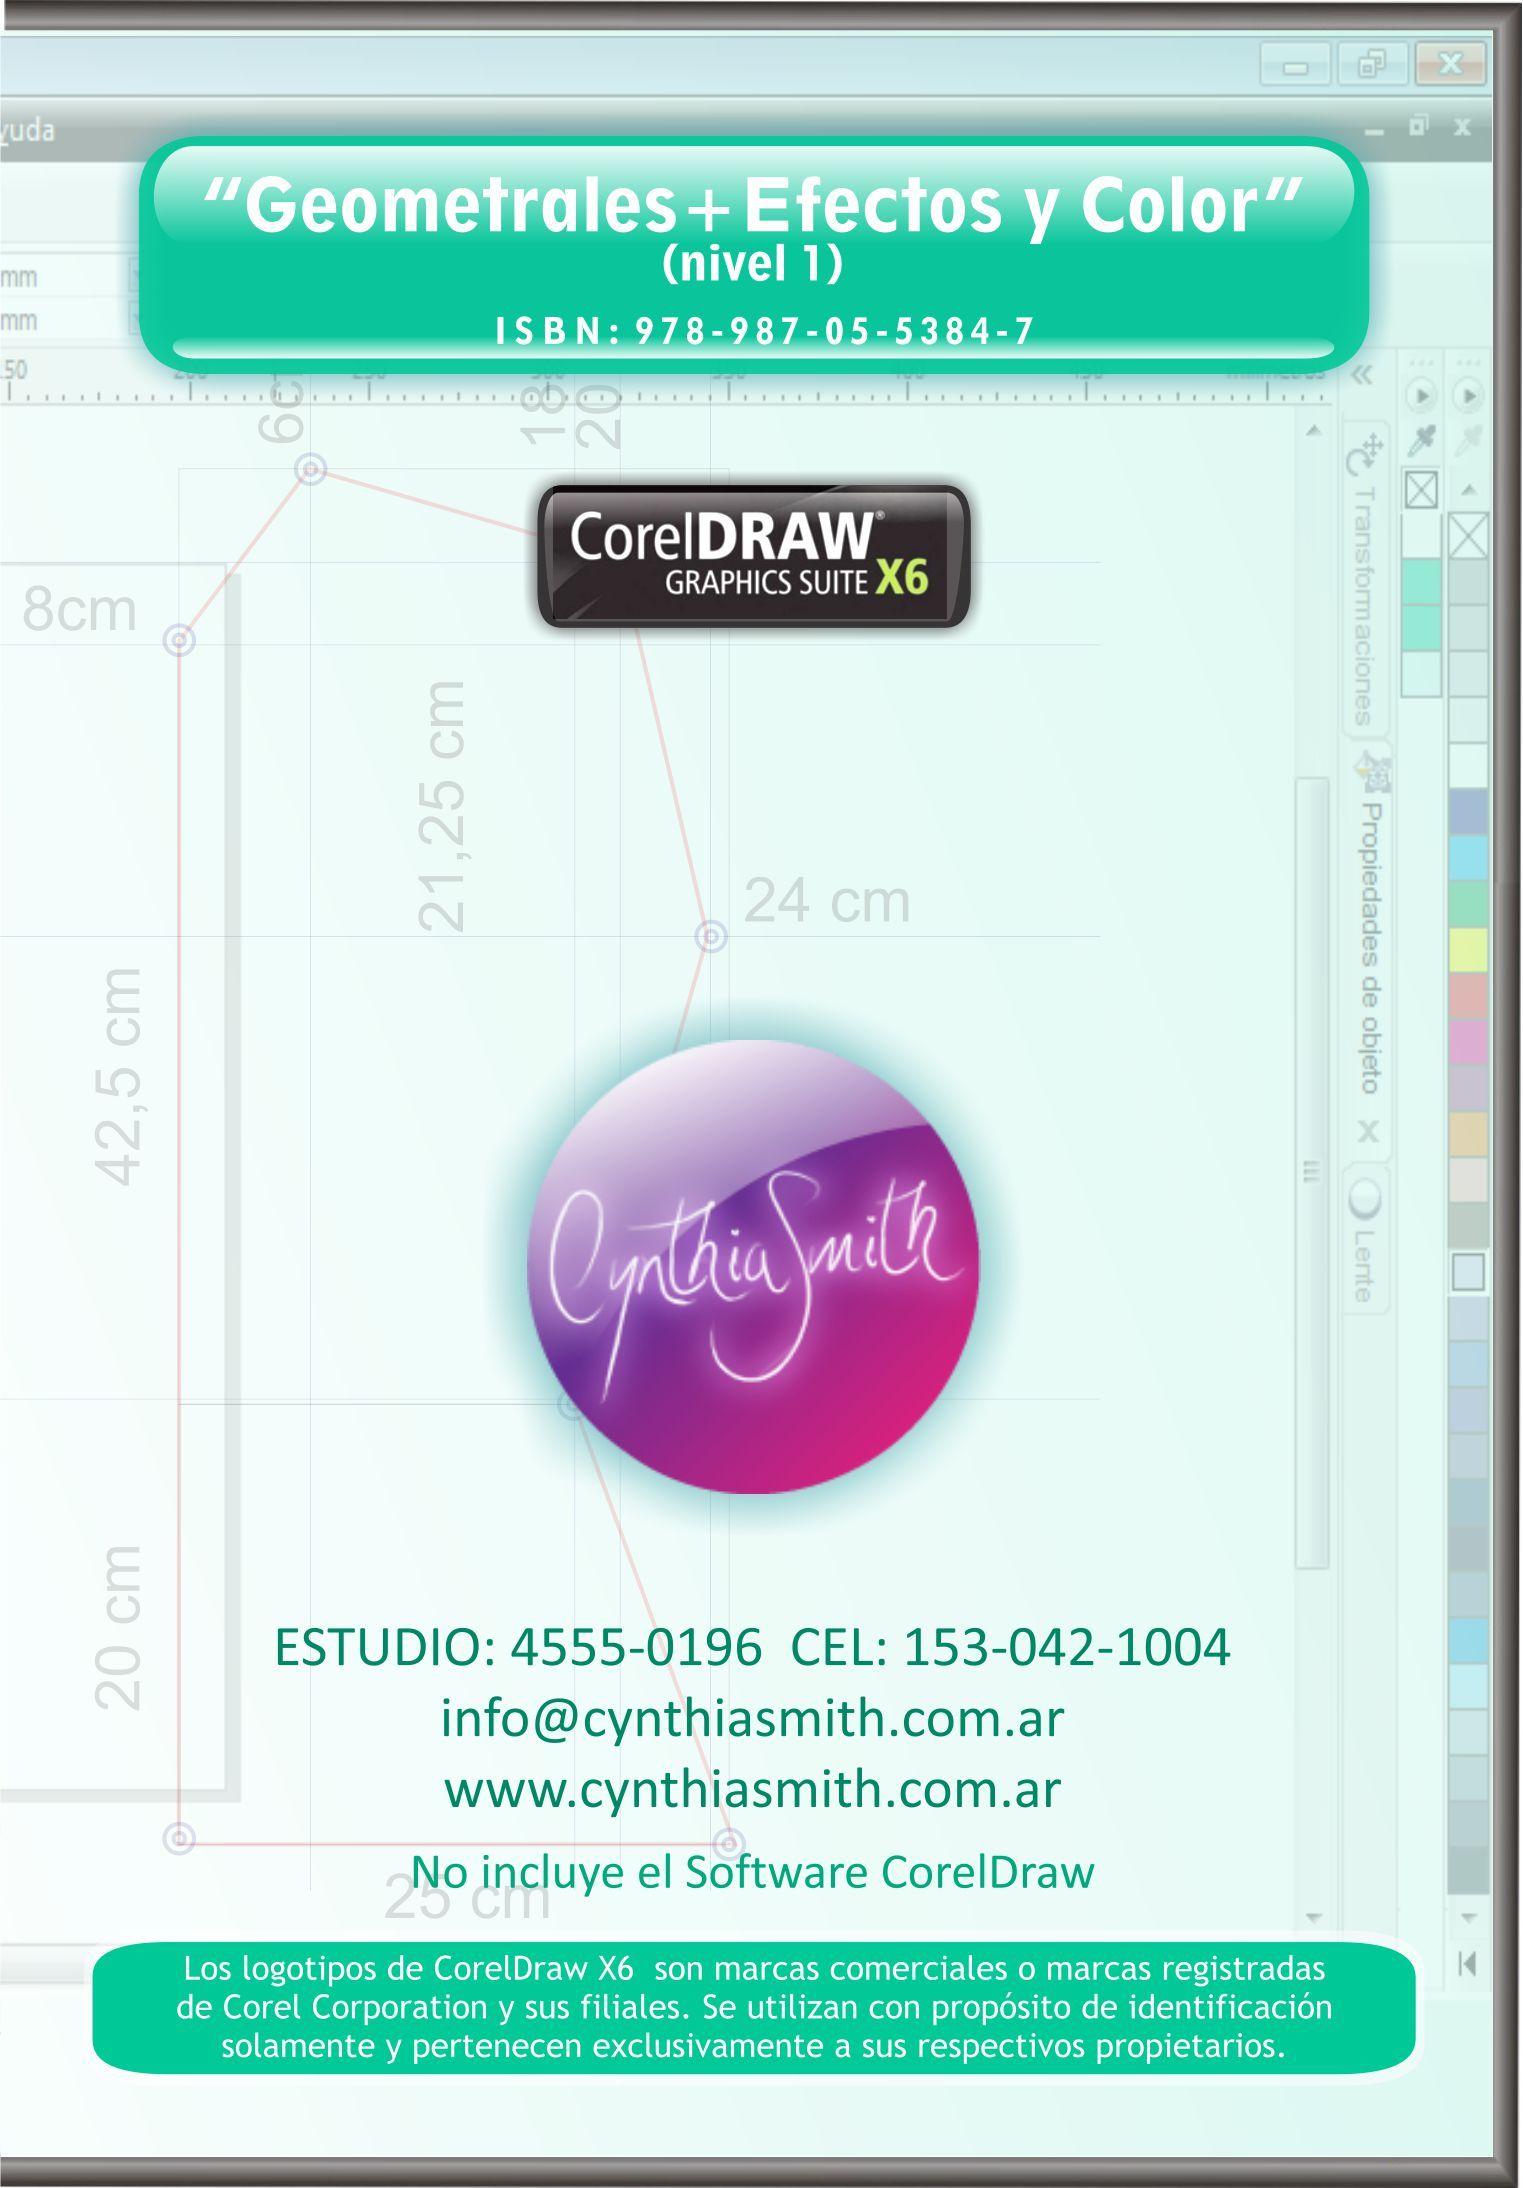 Line color in coreldraw - Curso De Dise O De Moda A Distancia Geometrales Efectos Y Color Coreldraw